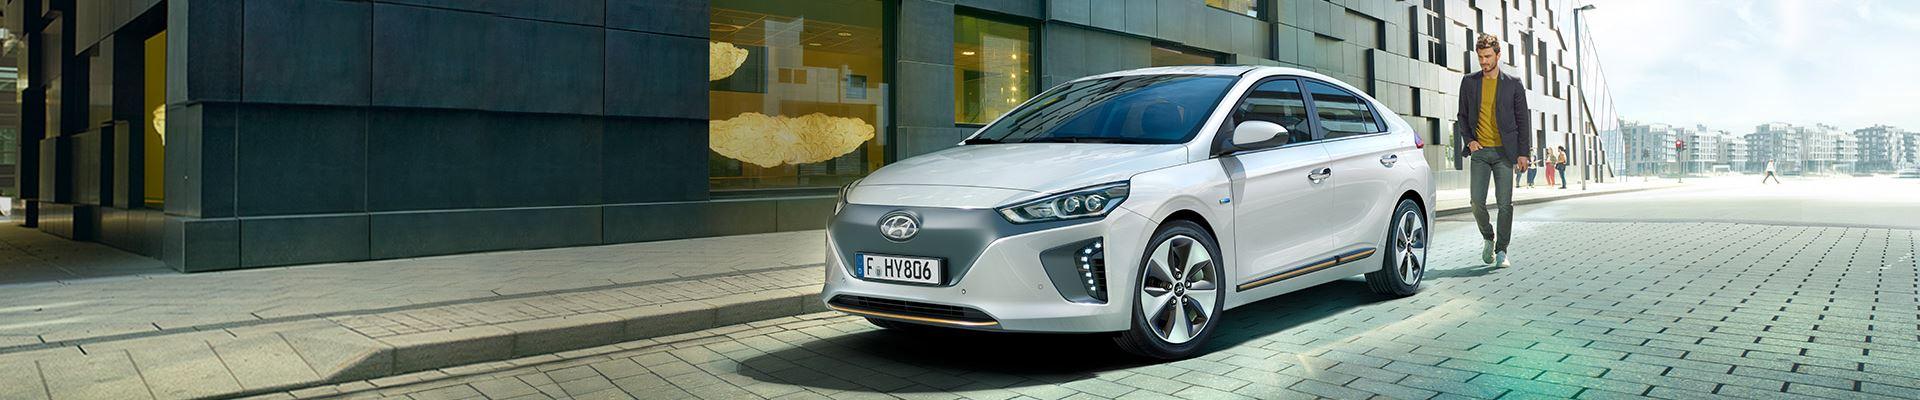 Több mint 300 kilométeres hatótáv a Hyundai Ioniq Electricben